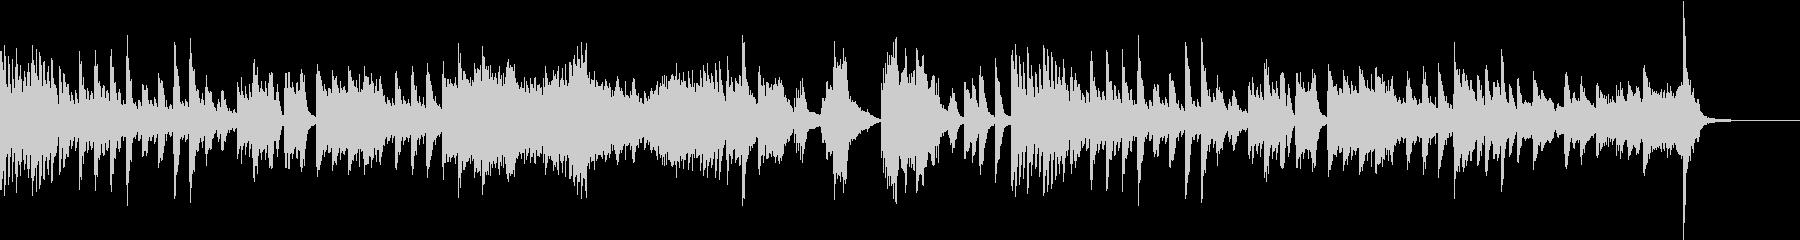 ツェルニー風ミステリアスなピアノソロの未再生の波形